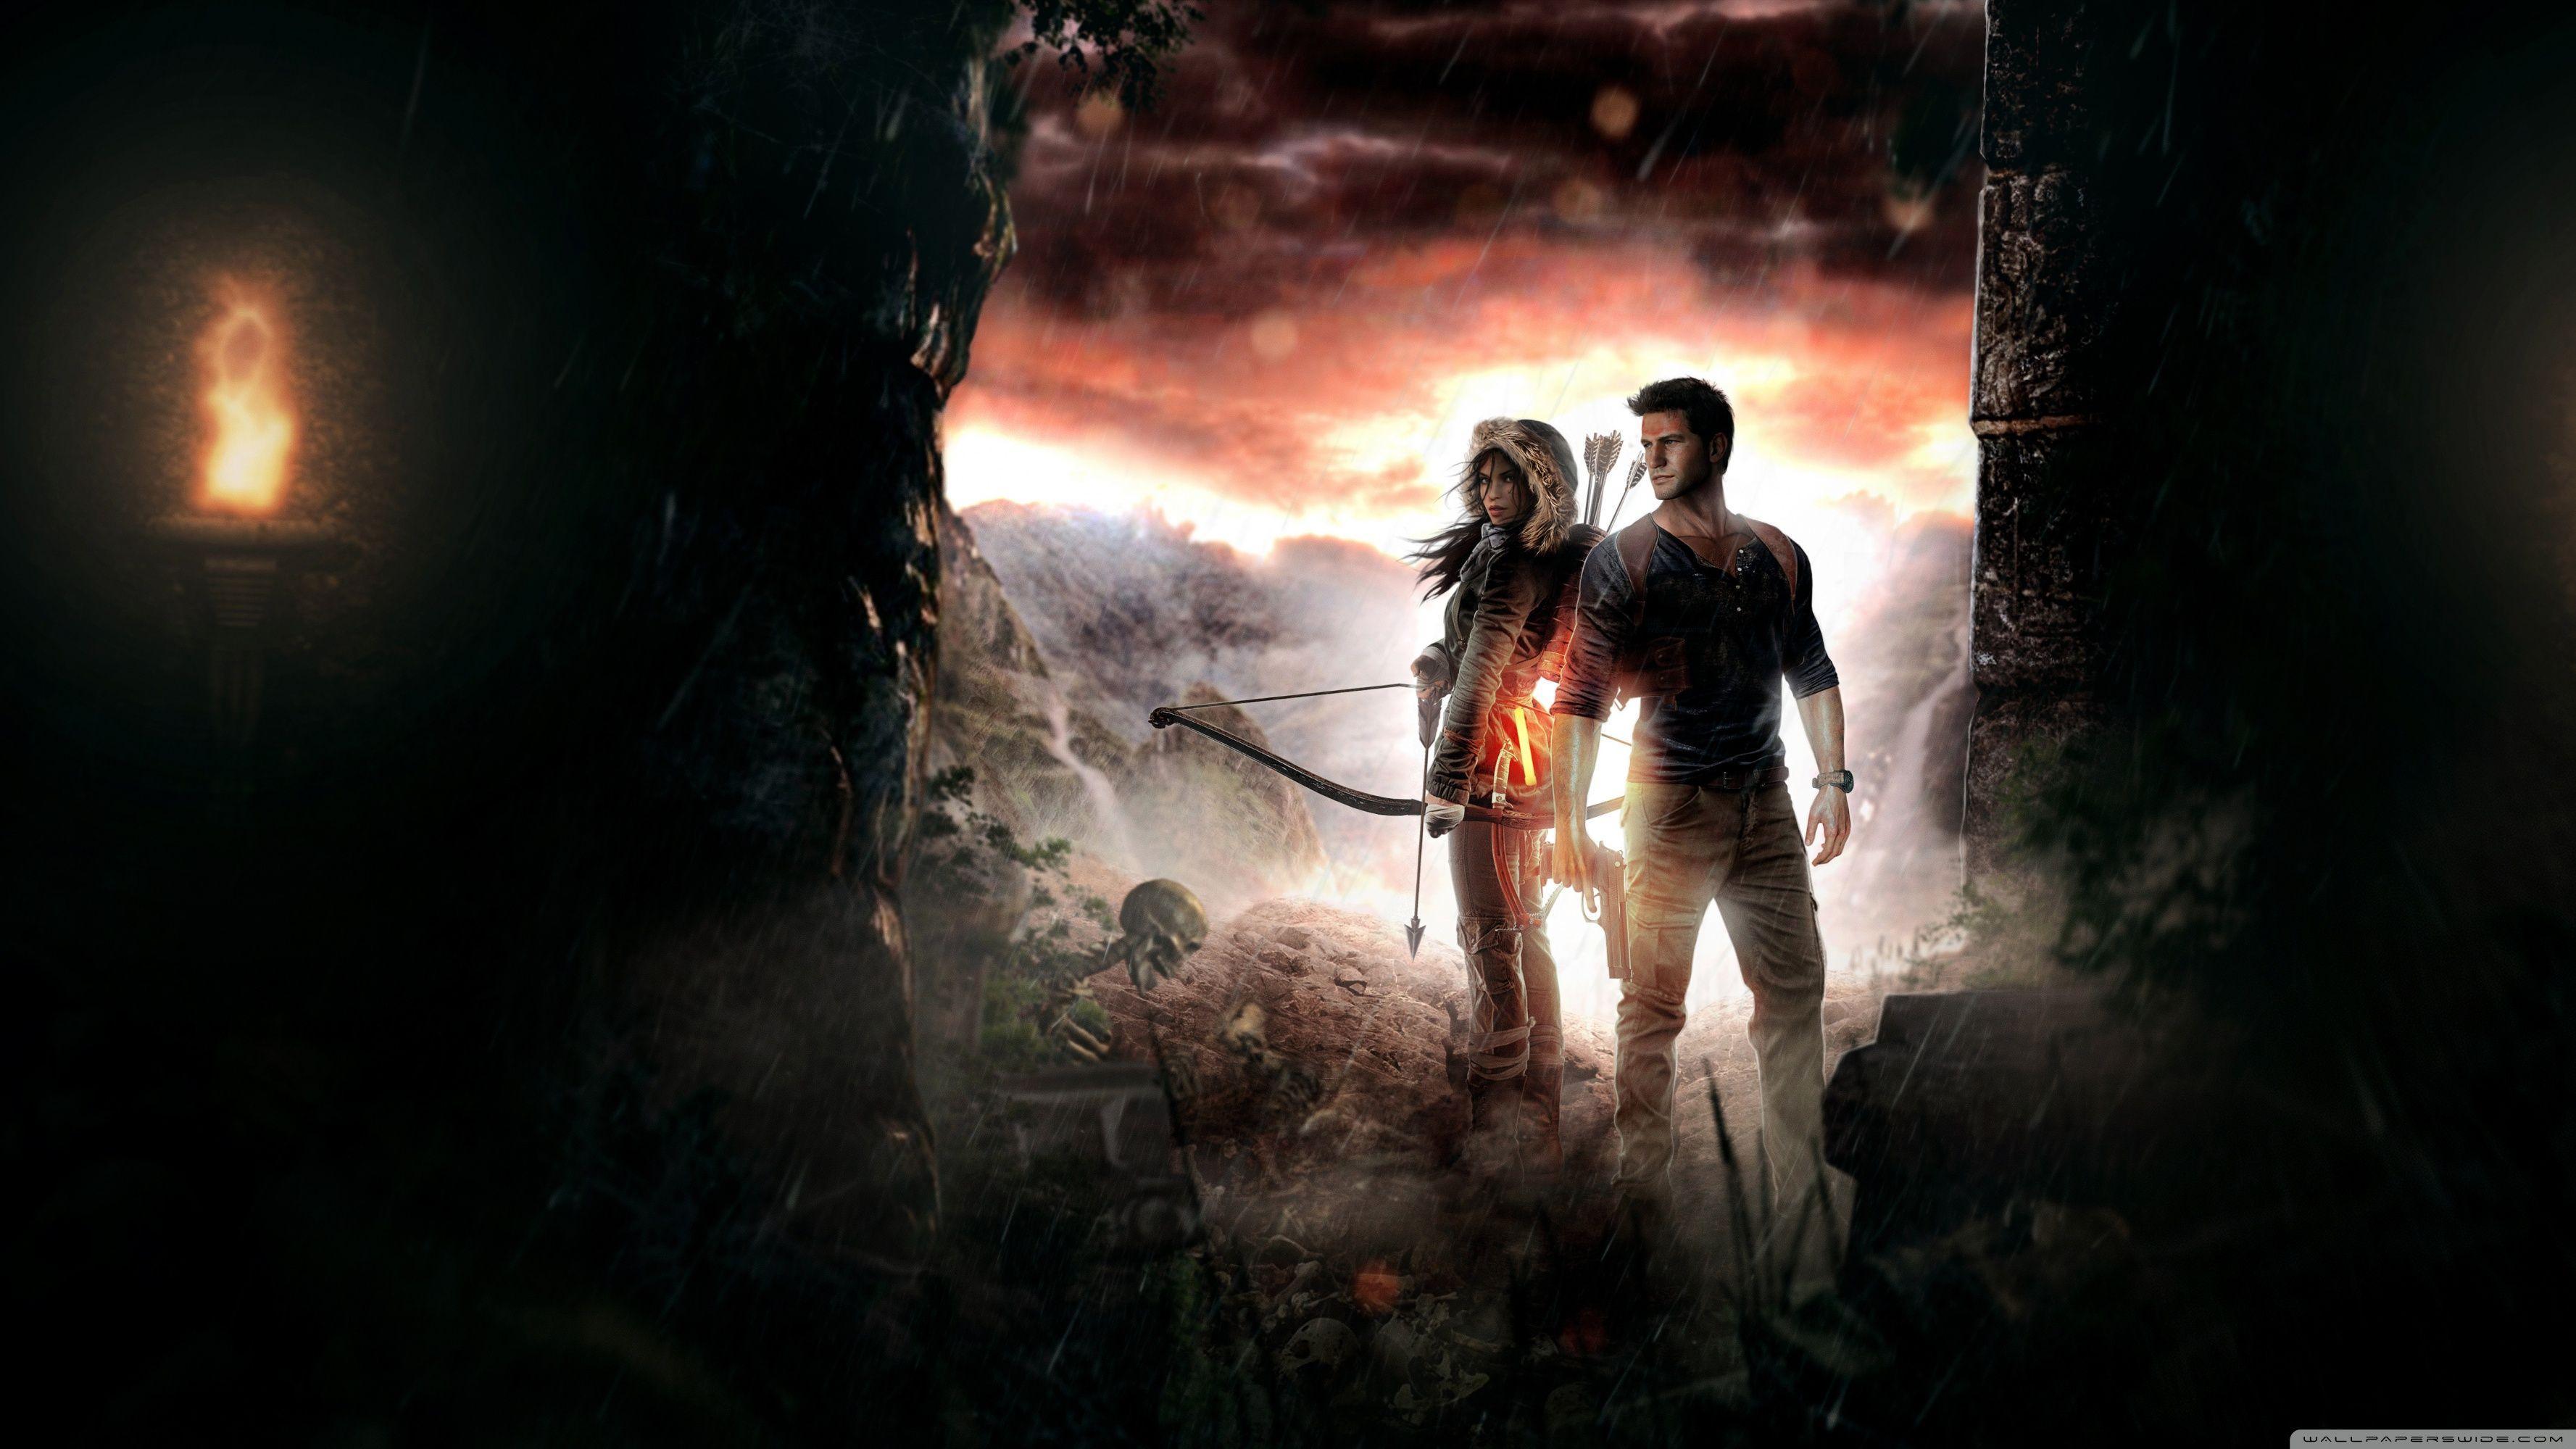 Lara Croft Nathan Drake Wallpapers Top Free Lara Croft Nathan